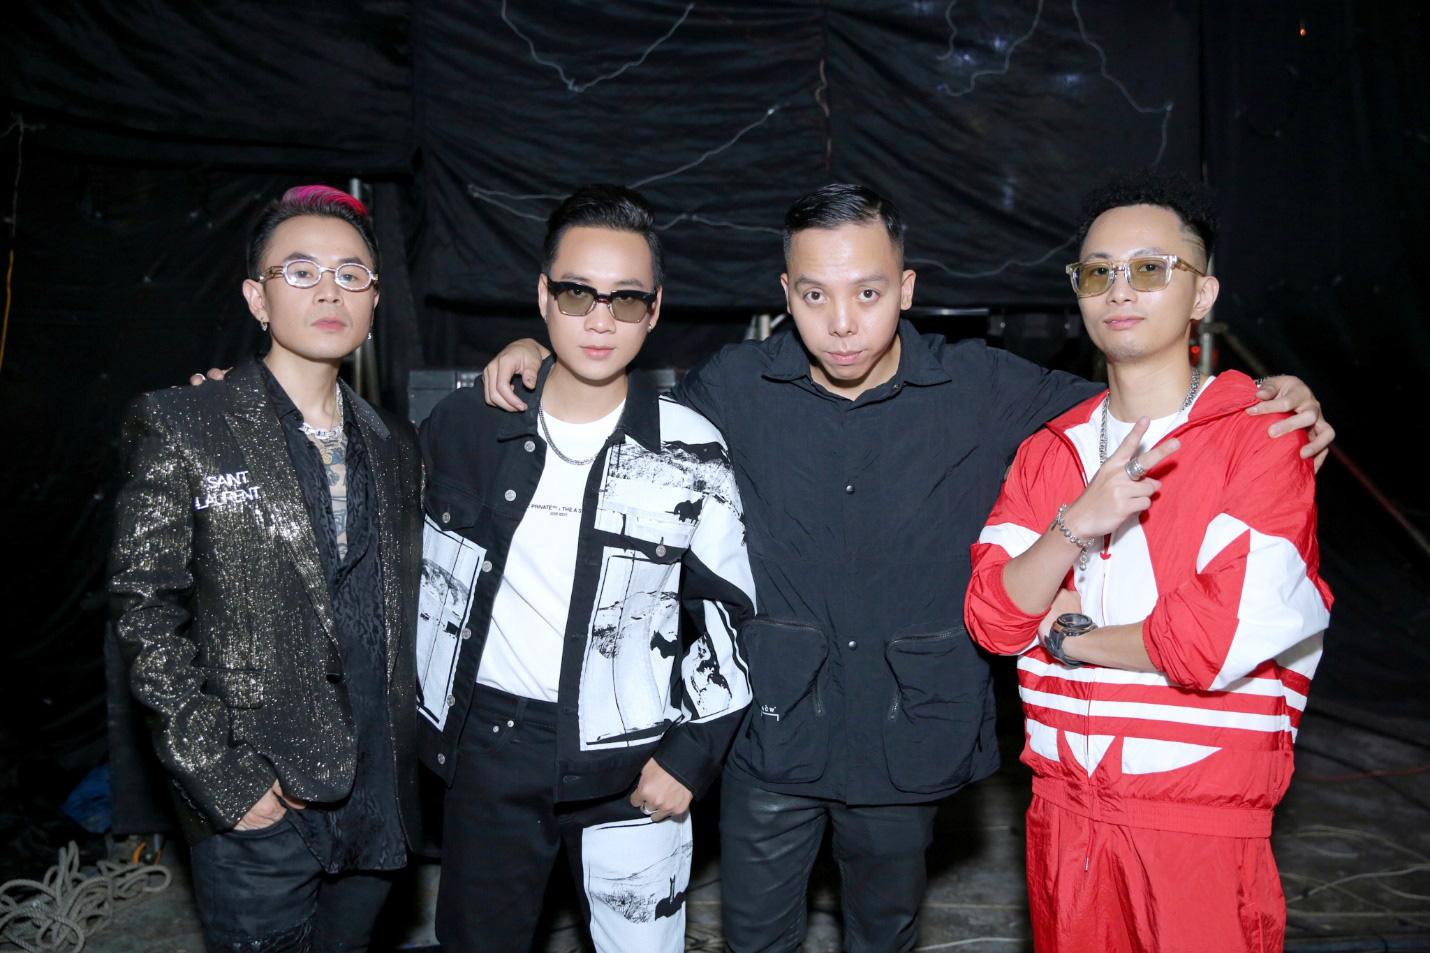 """Chỉ mới vòng casting, Rap Việt mùa 2 đã gây bão, liệu """"đế chế"""" SpaceSpeakers có tiếp tục tạo nên một mùa thi """"Ơ mây zing, gút chóp""""? - Ảnh 1."""